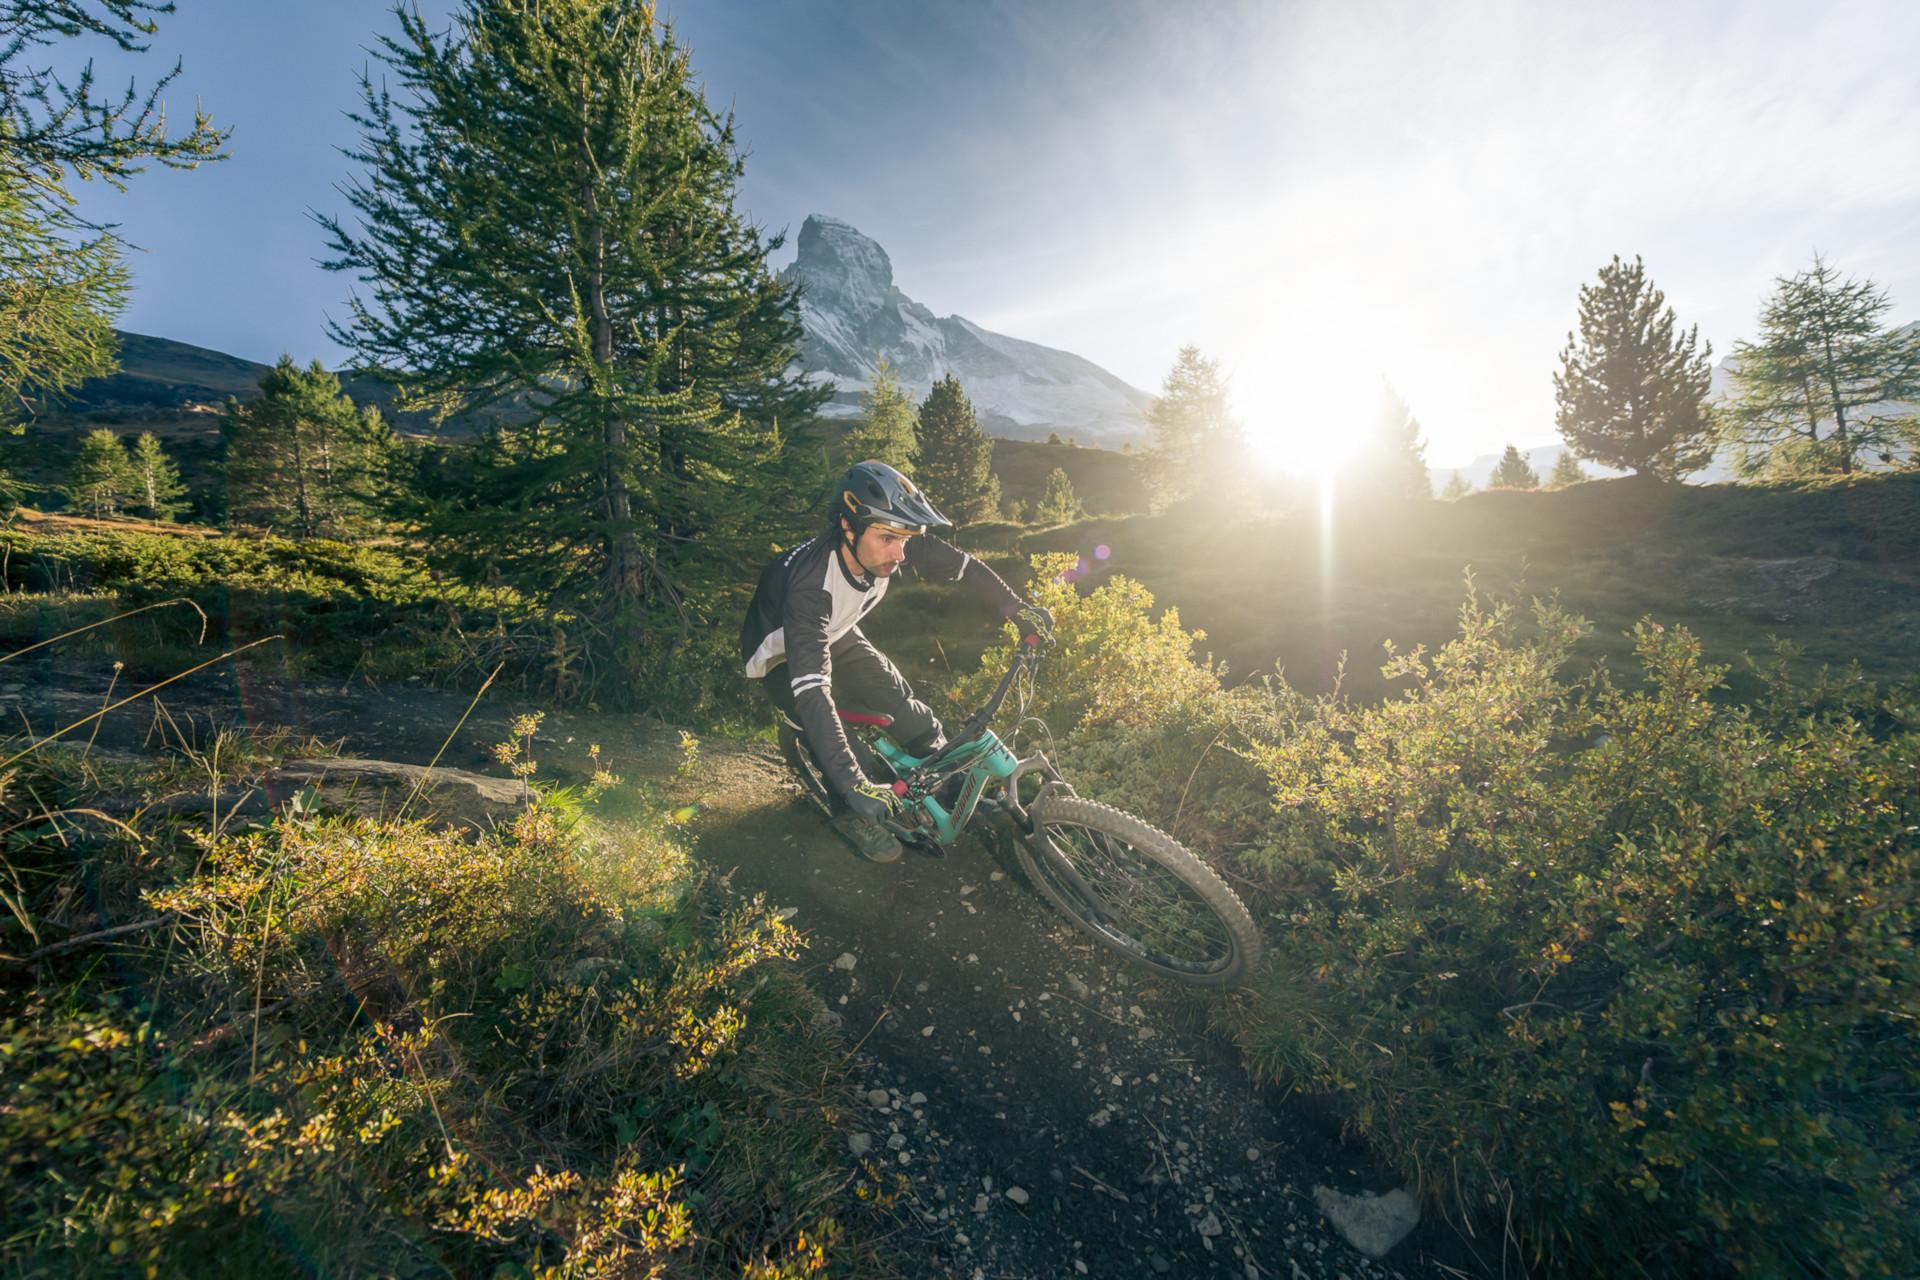 Tyee Carbon Action Ben Reid Zermatt 2